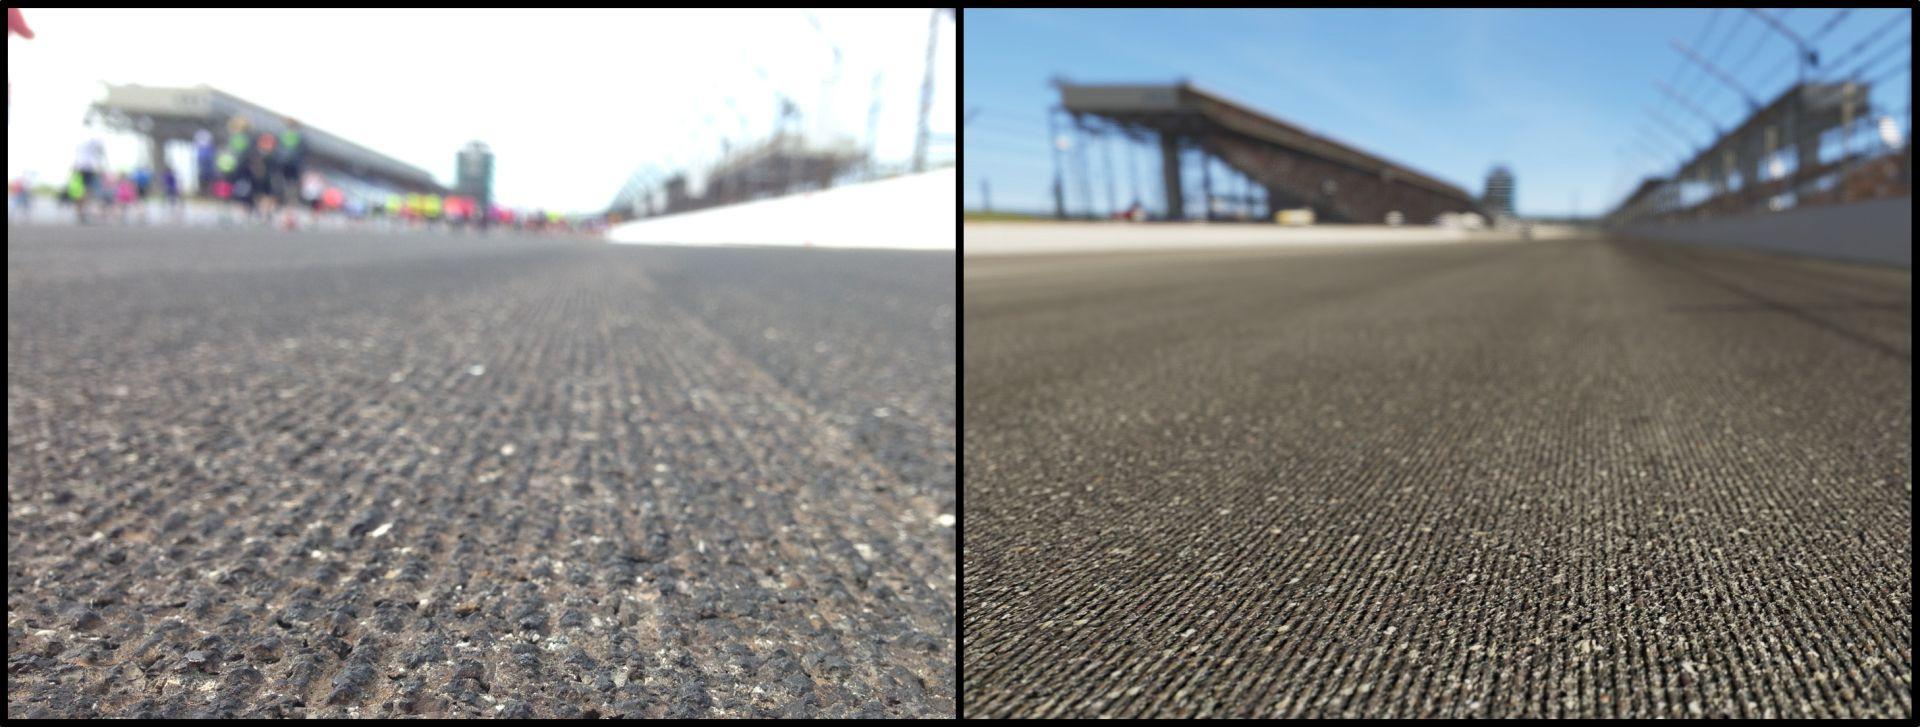 Forza 5_track vs real life